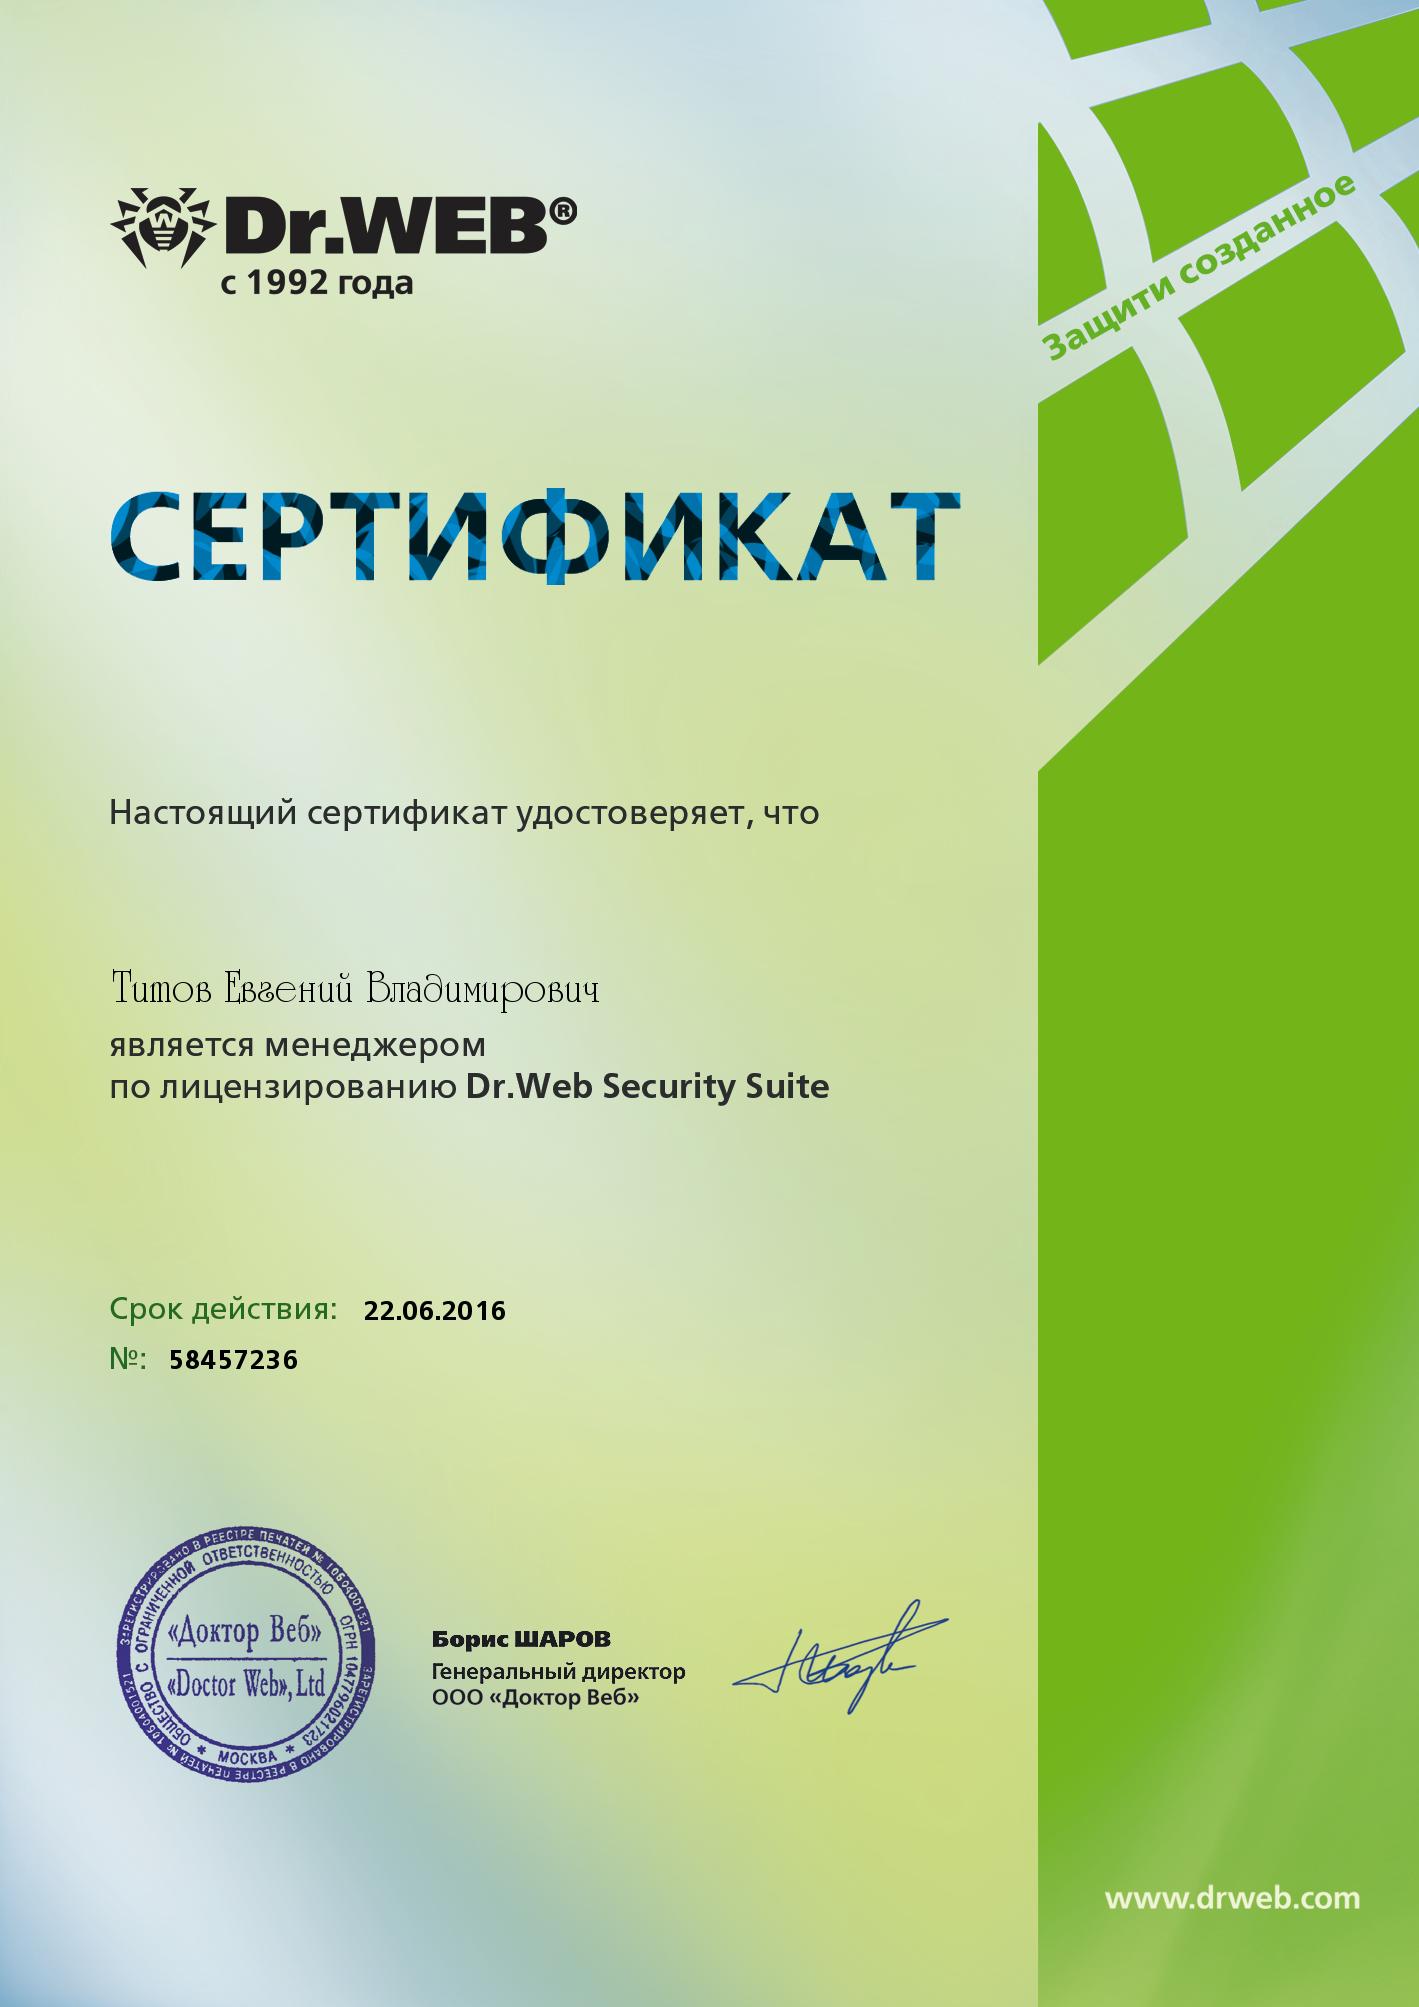 (DWCERT-020-1) Сертифицированный менеджер по лицензированию Dr.Web Security Suite 22.06.2016